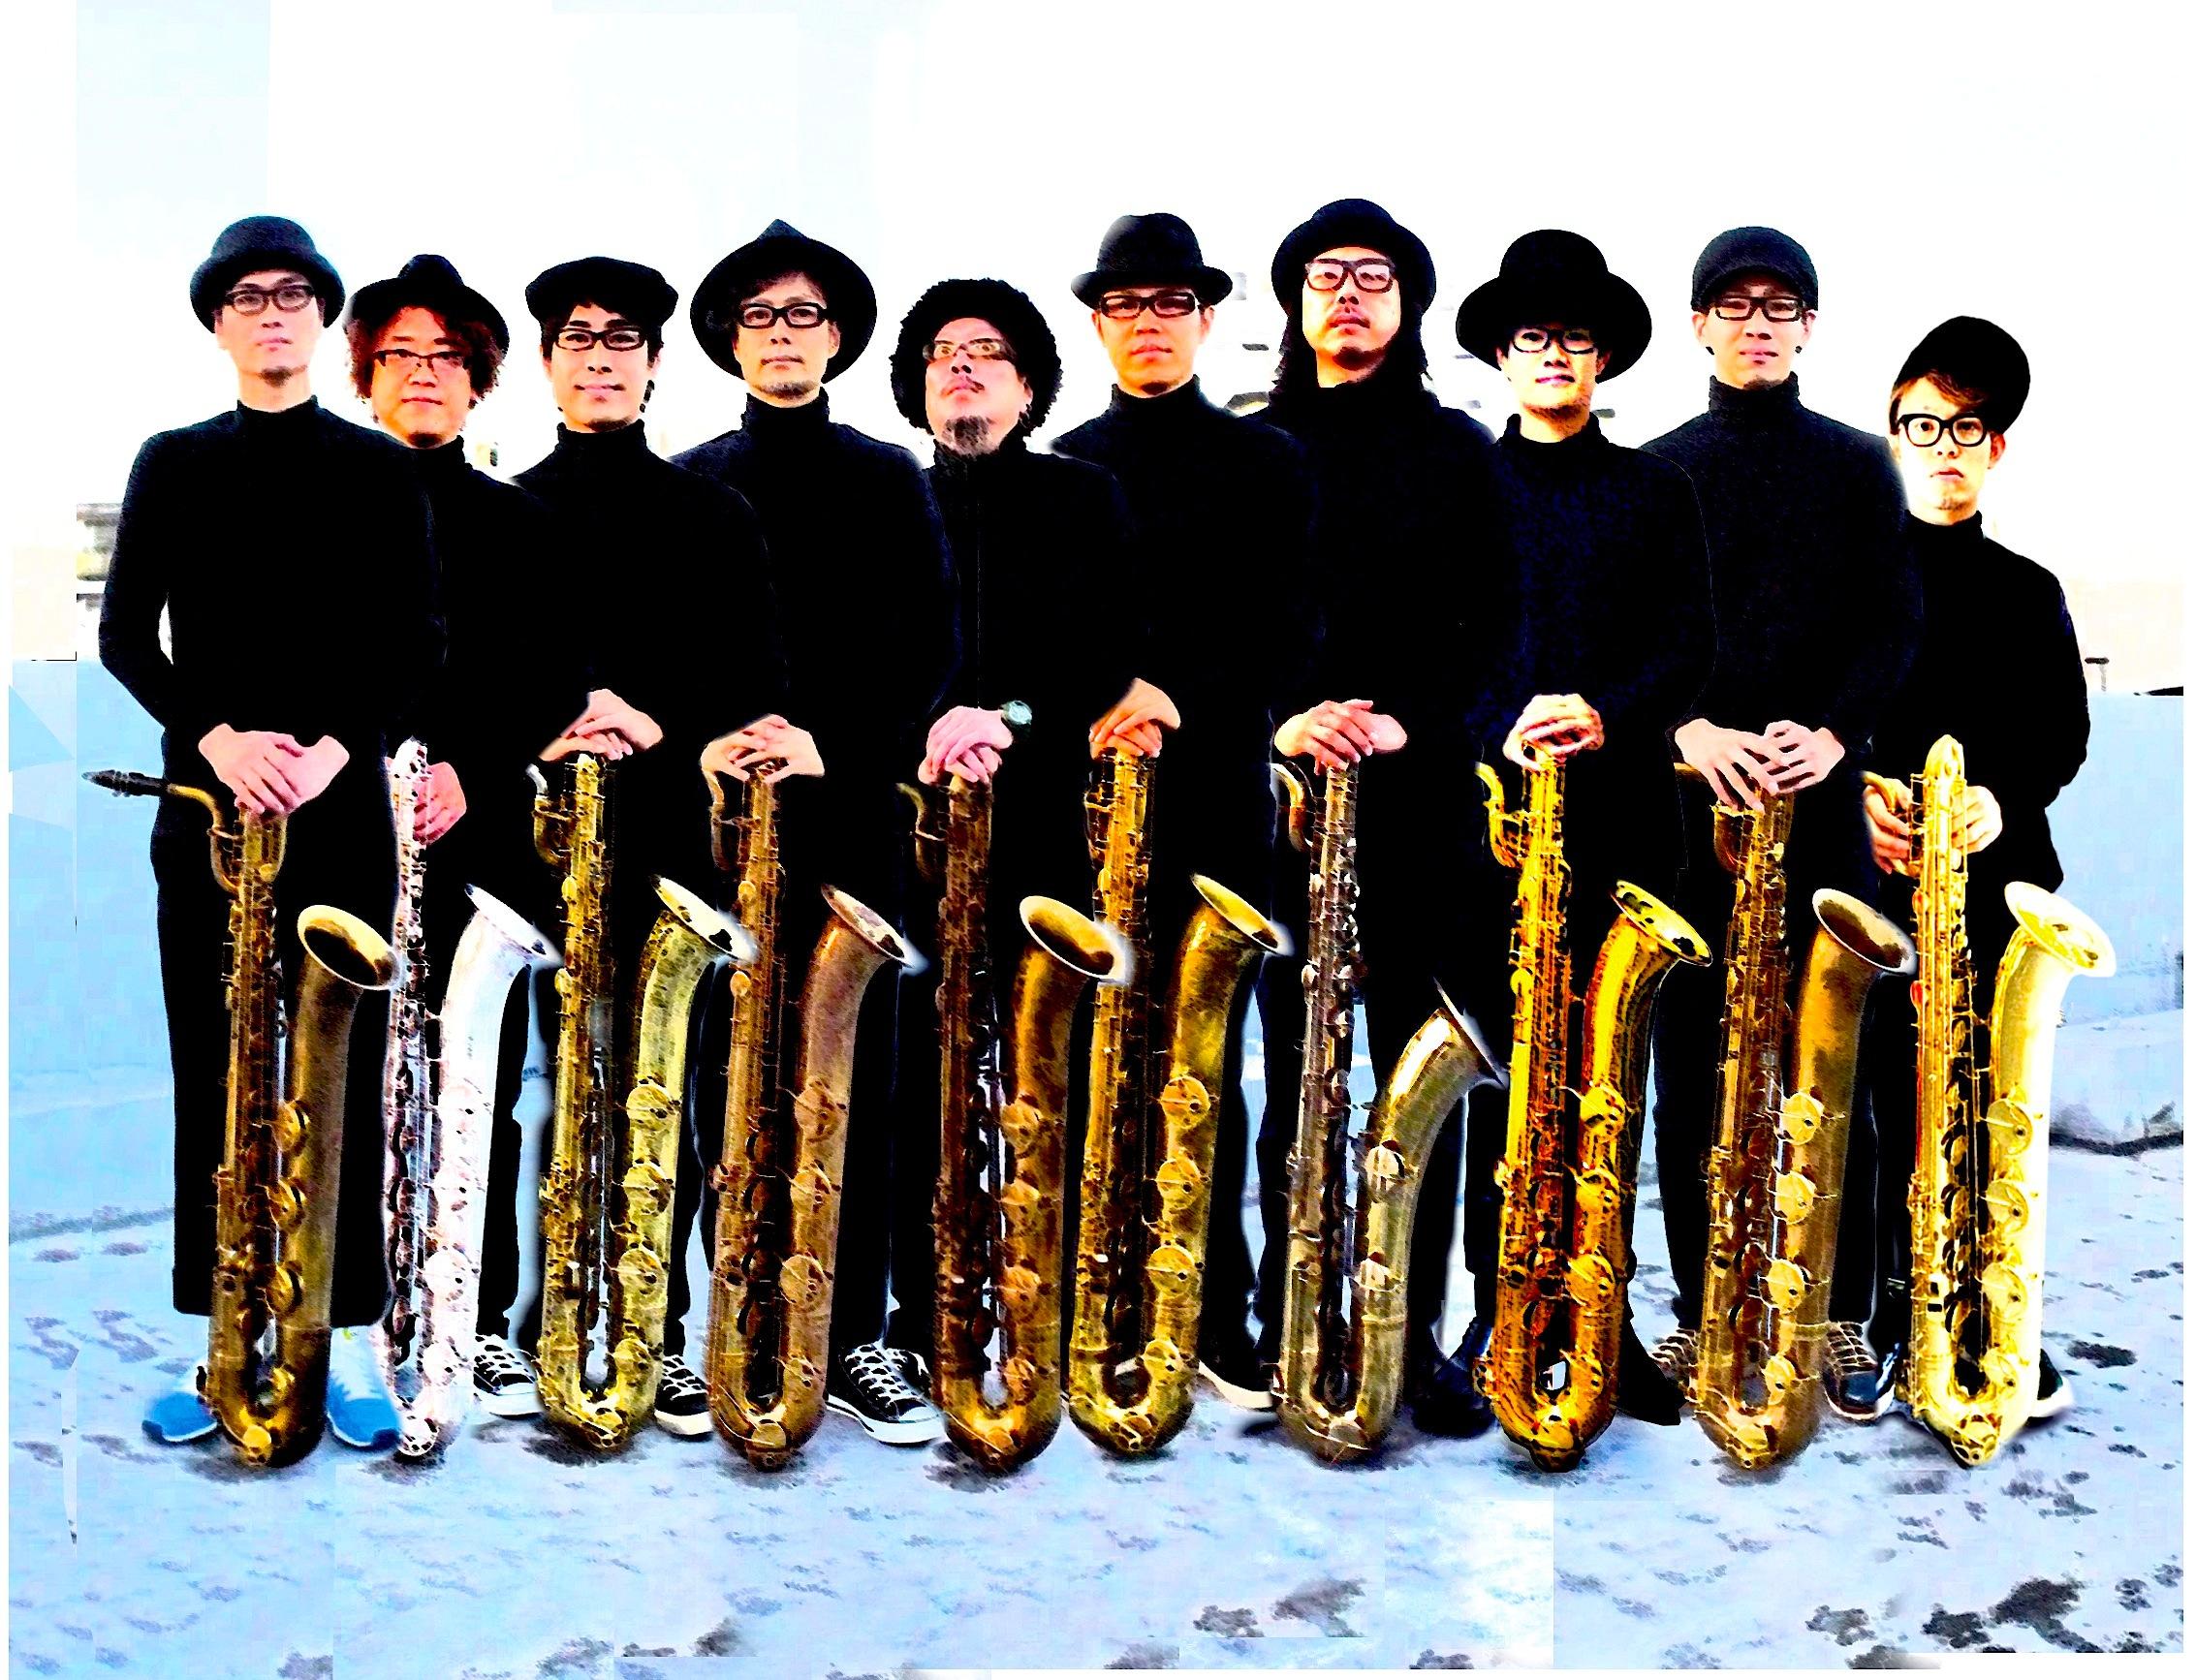 Suzuki, Tsutsui, Higashi, Mizutani, Kito, Yamamoto, Udagawa, Idezaki, Yamanaka, Nagata